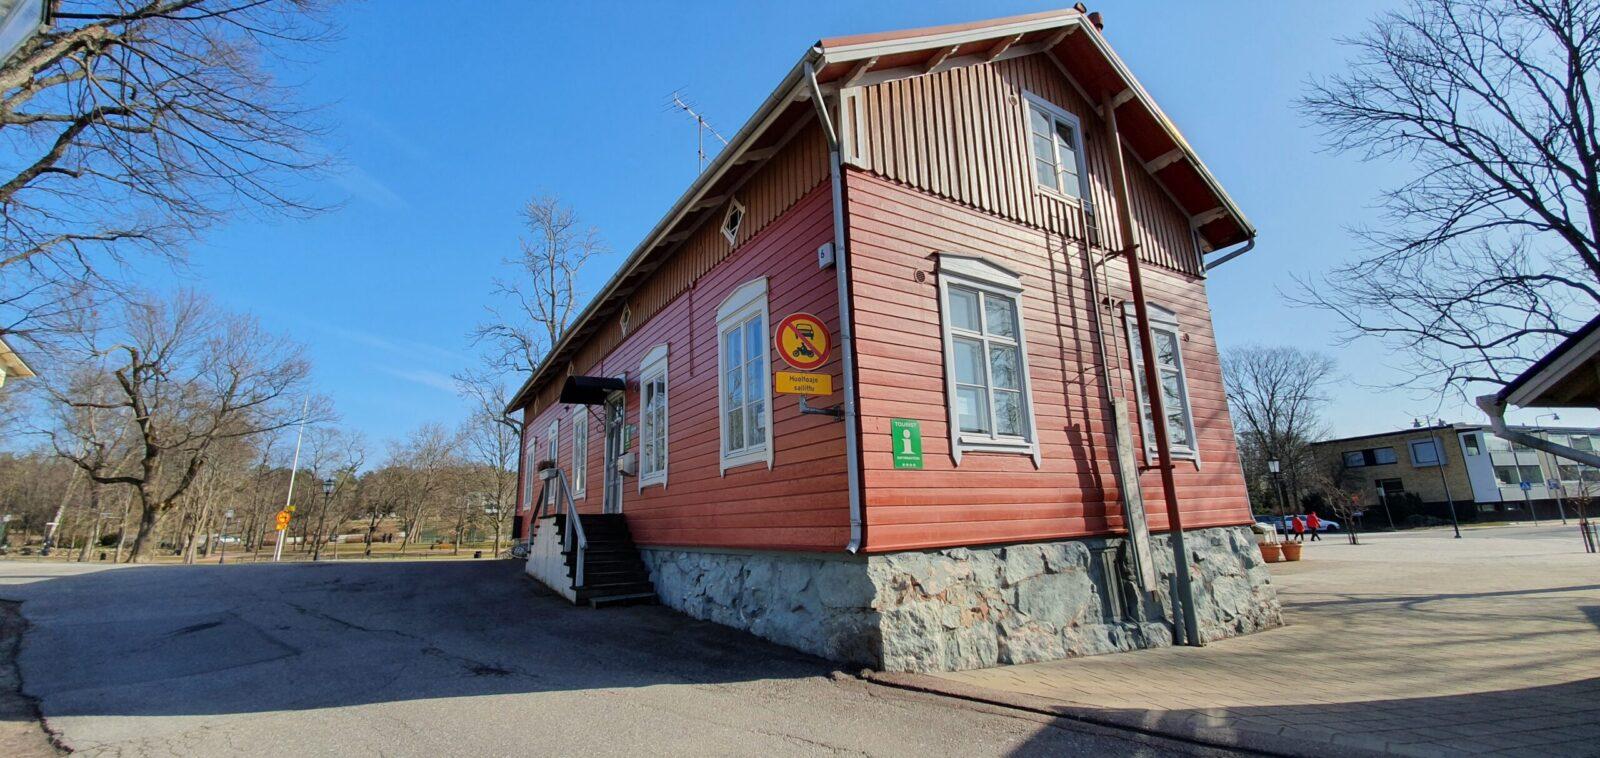 Punainen puurakennus, jonka nurkassa on vihreä info-kyltti. Portaat ylös ovelle, valkoiset ikkunankarmit. Sininen taivas.